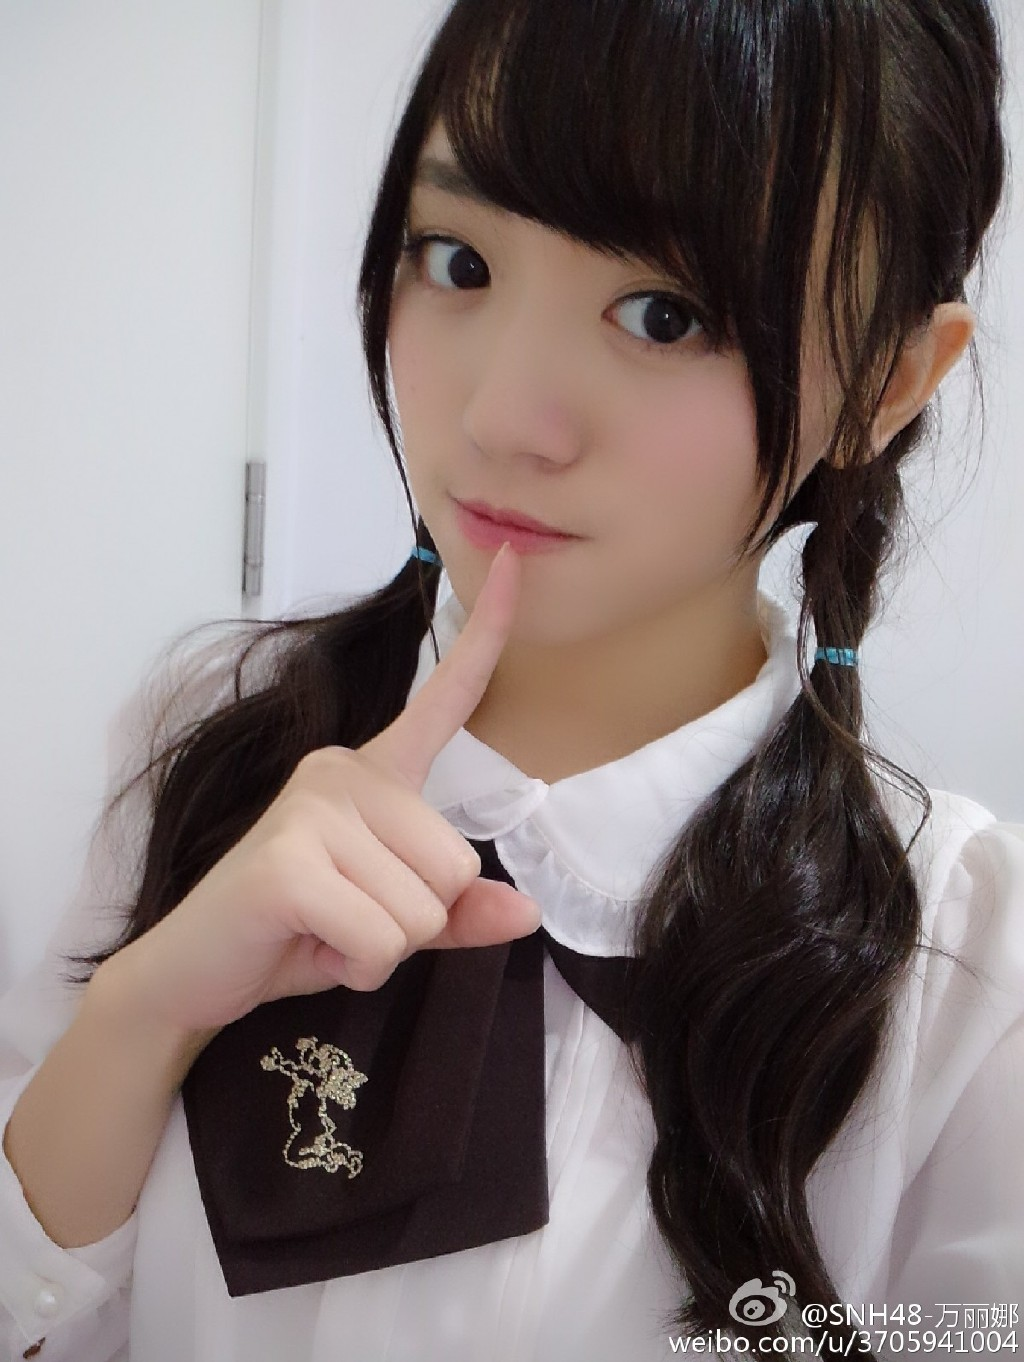 nana_004